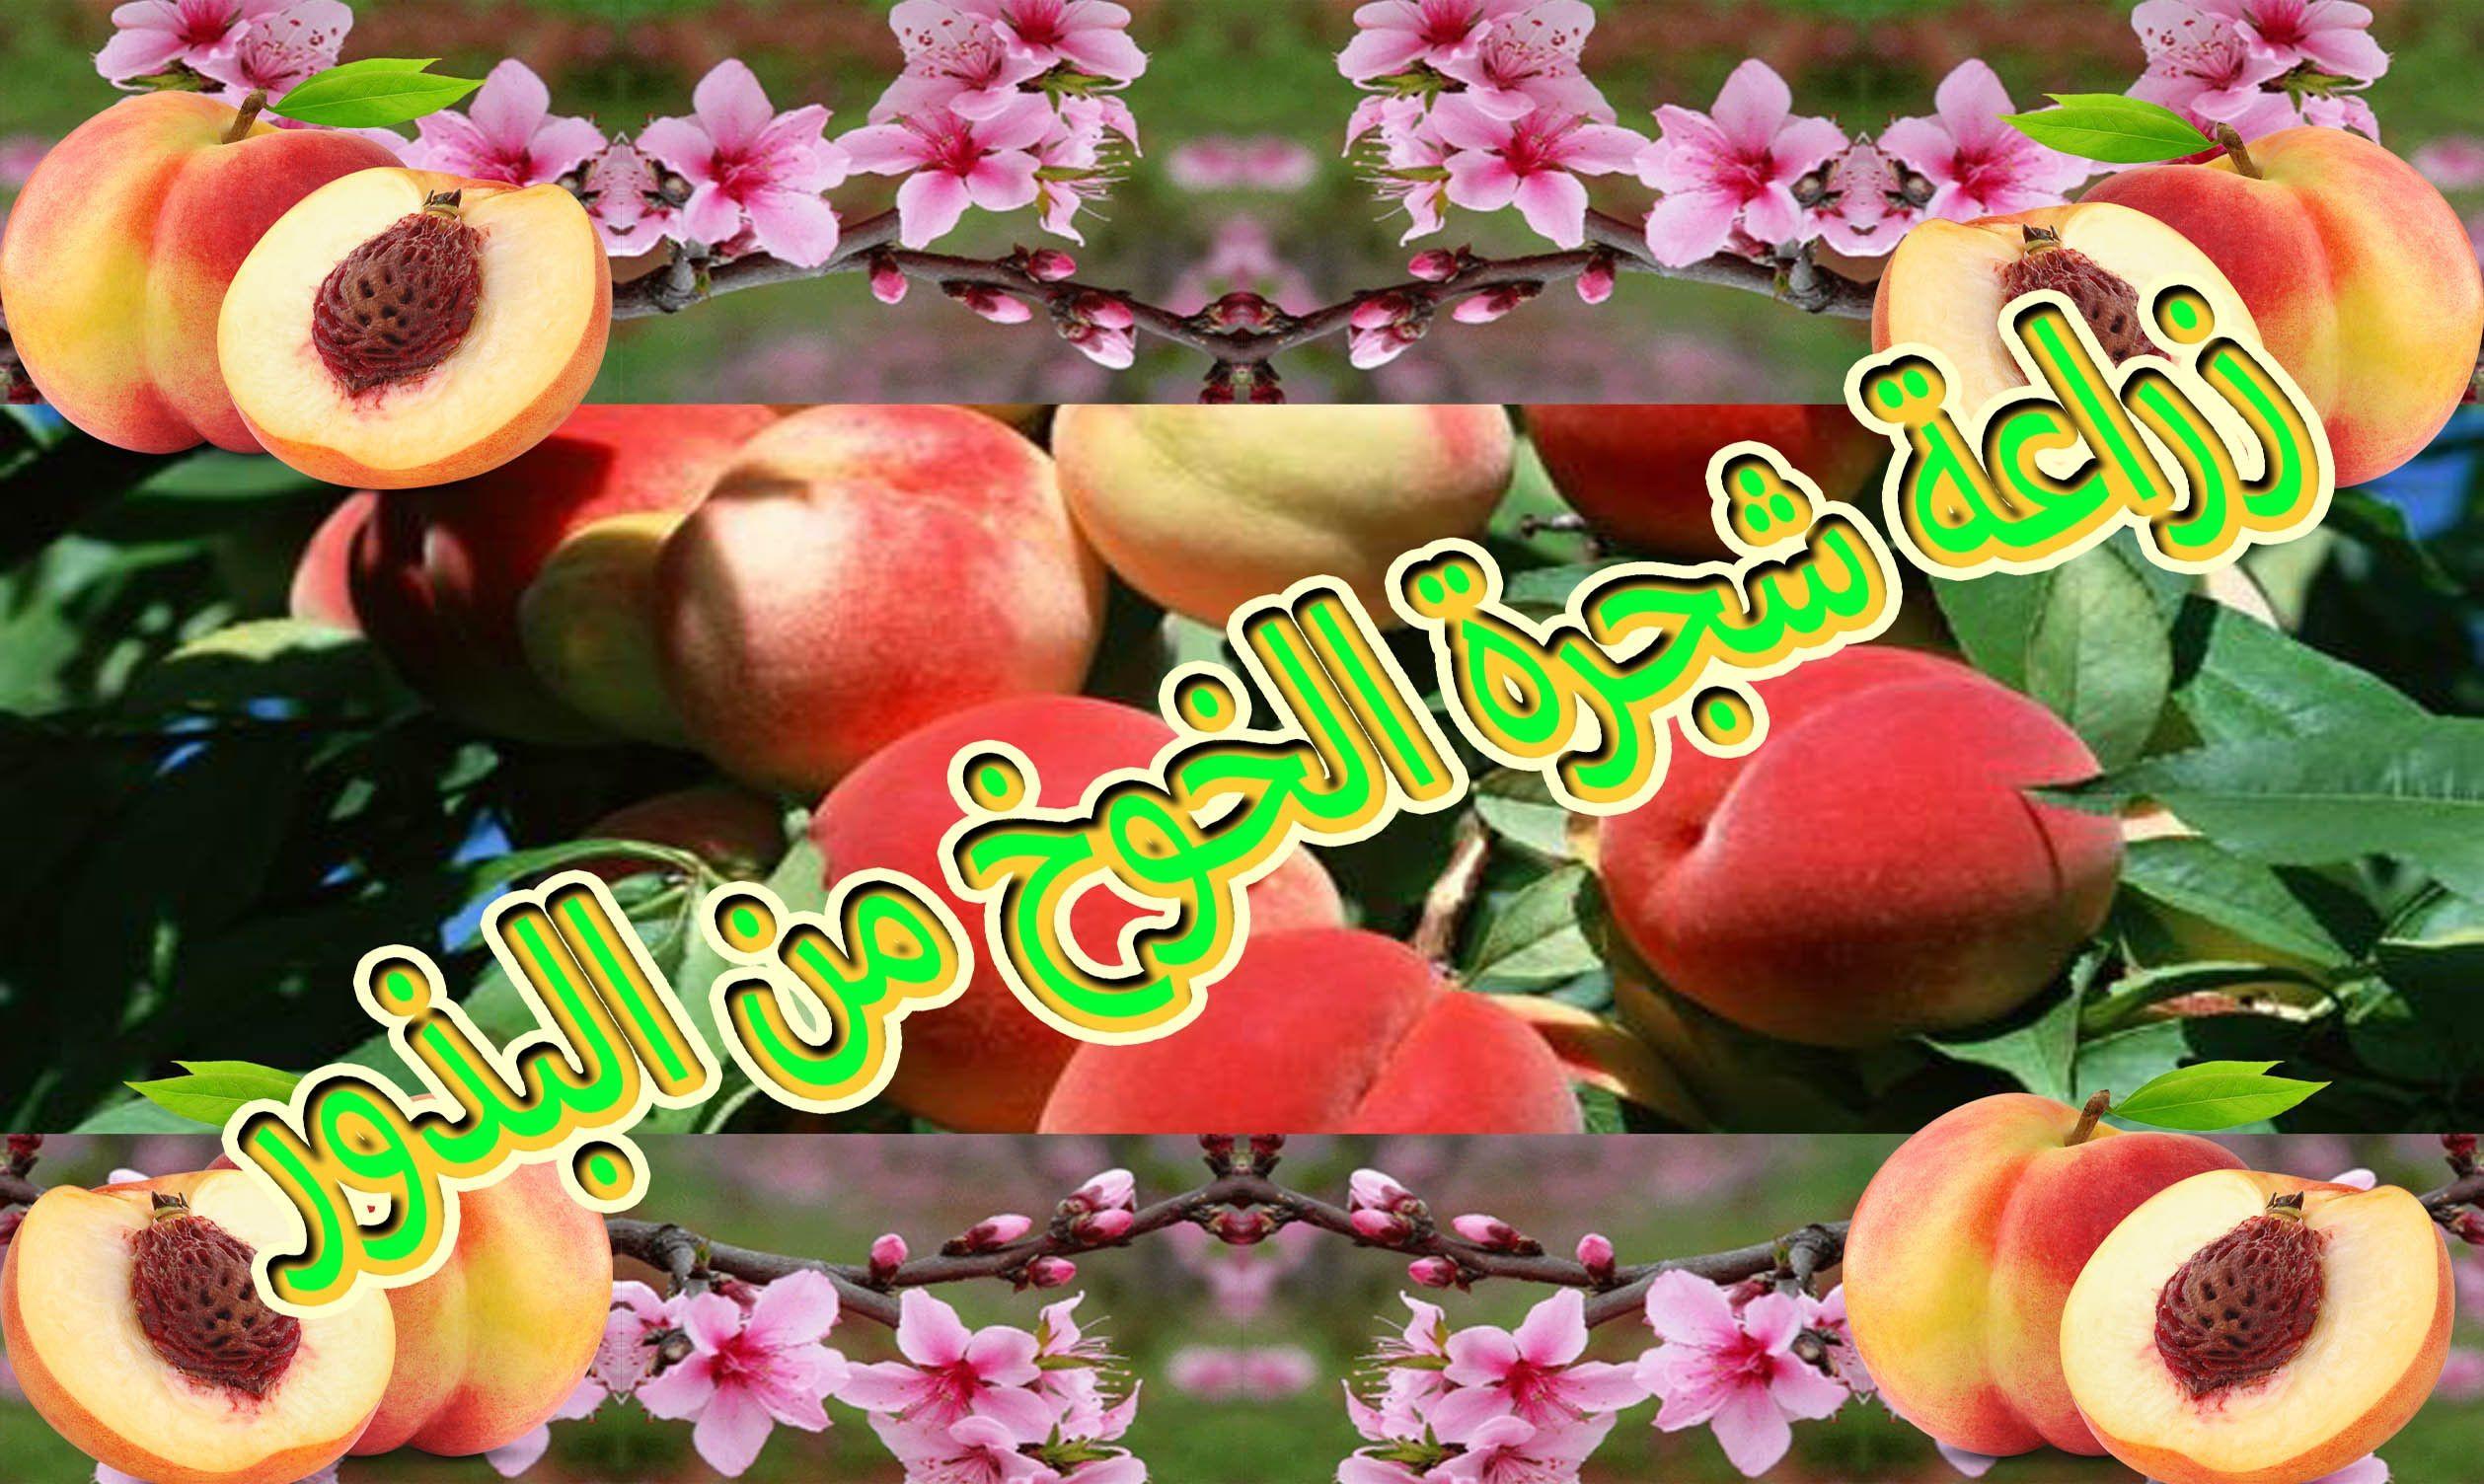 زراعة الخوخ الدراق حب الملوك الكرز المشمش البرقوق من البذرة ف Fruit Apple Projects